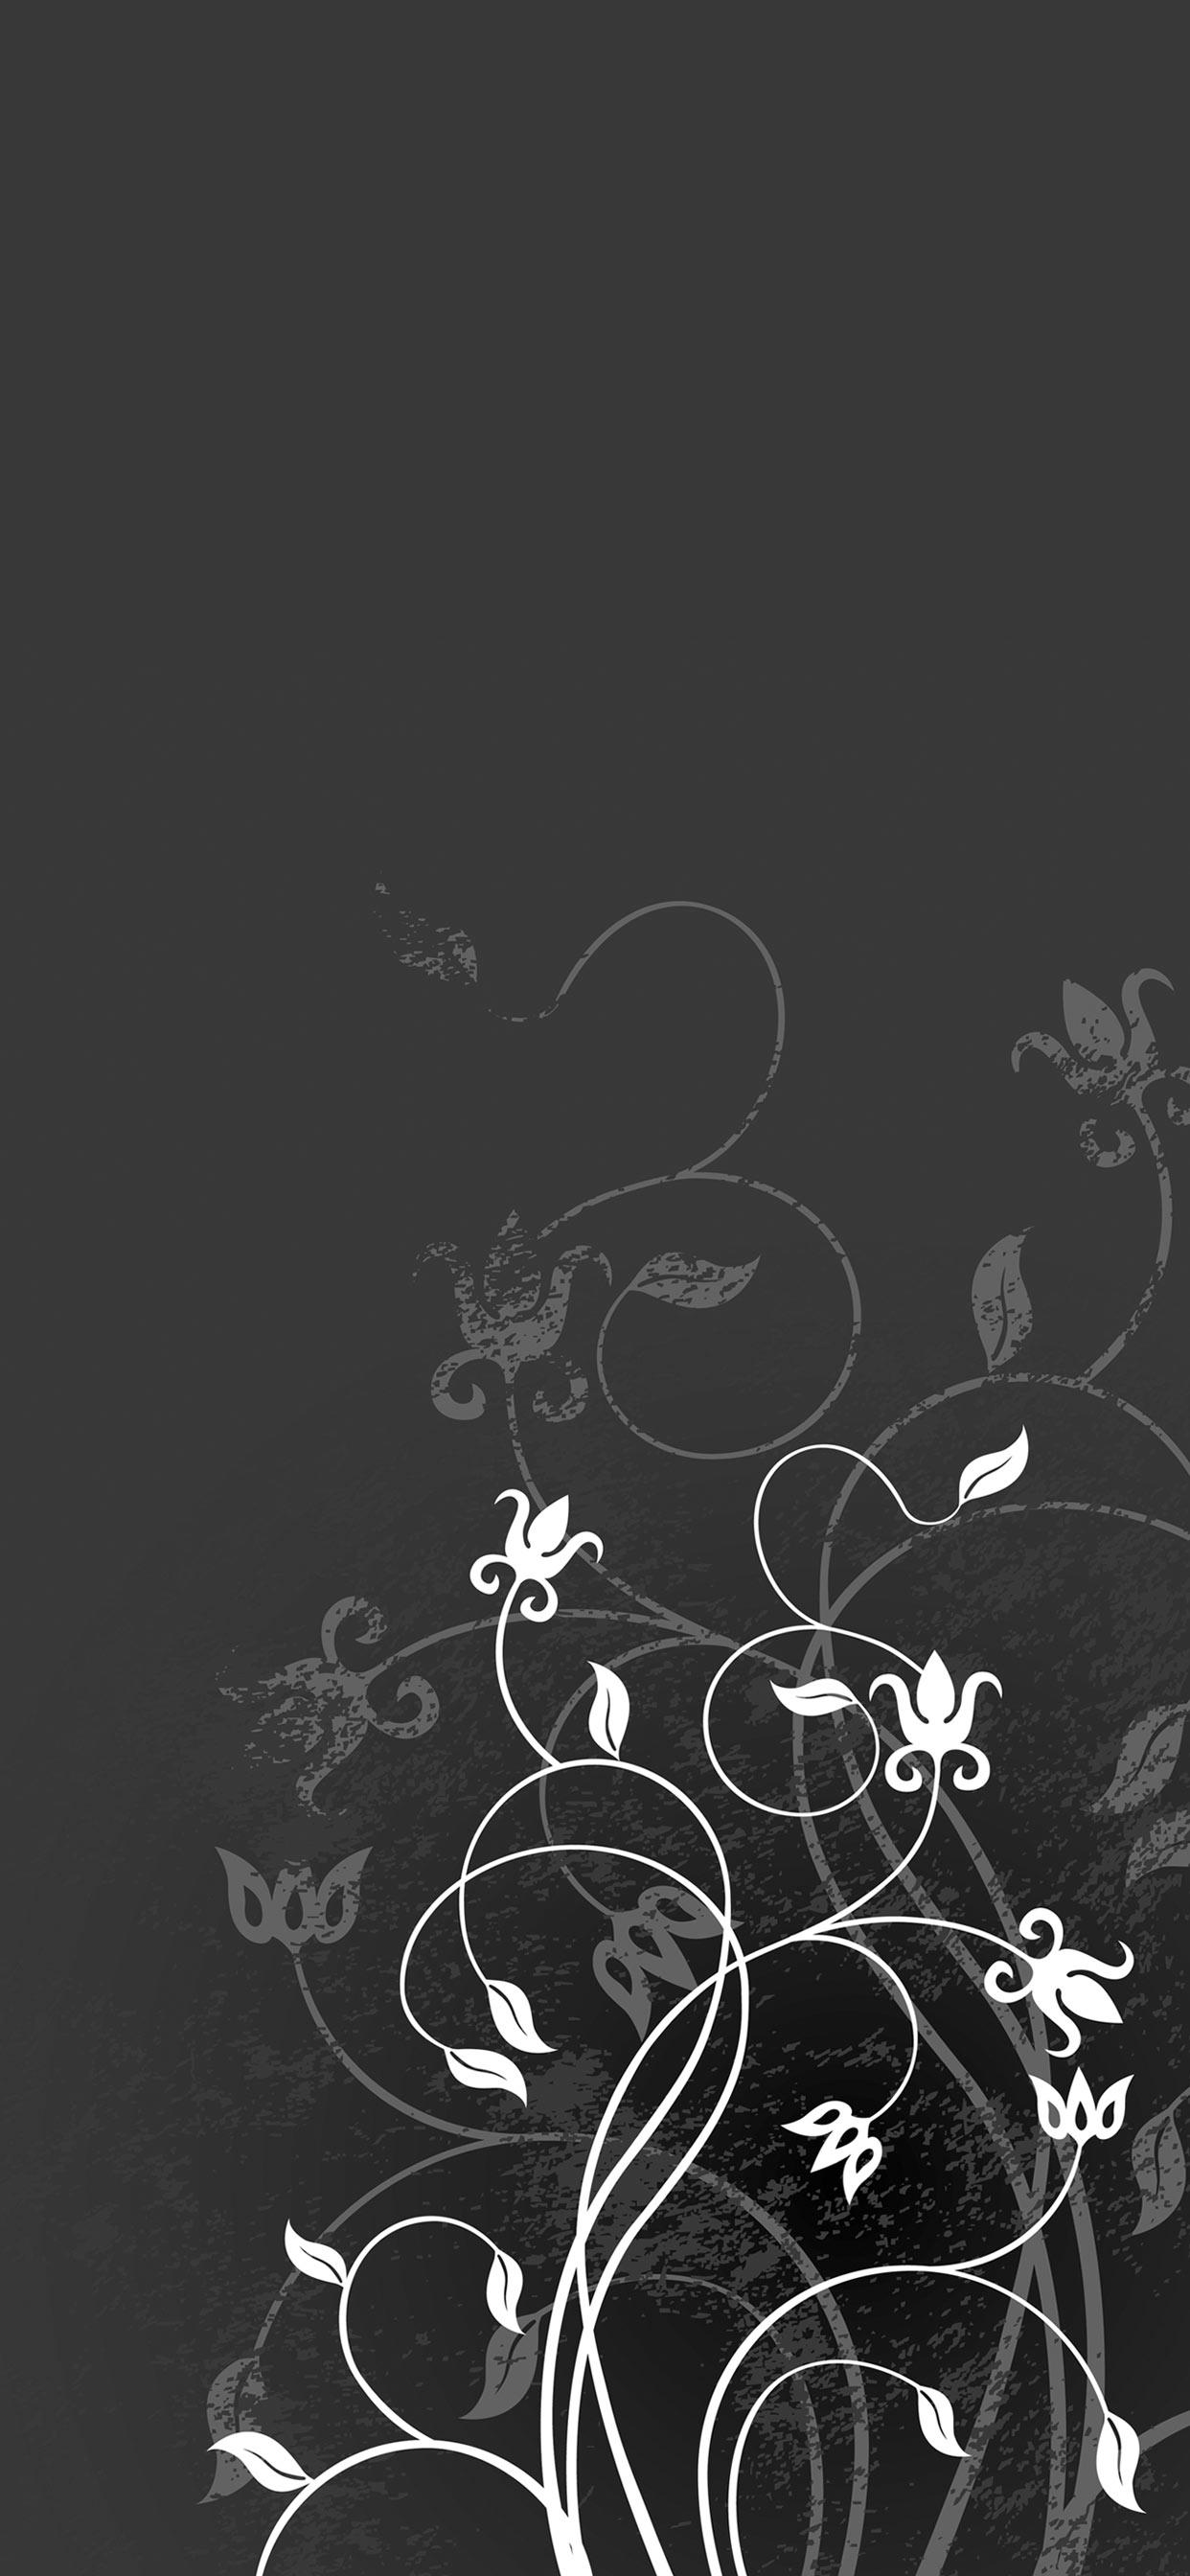 花柄の無料待ち受け画像 スマホ壁紙 Iphone Android 1 待ち受けparadise